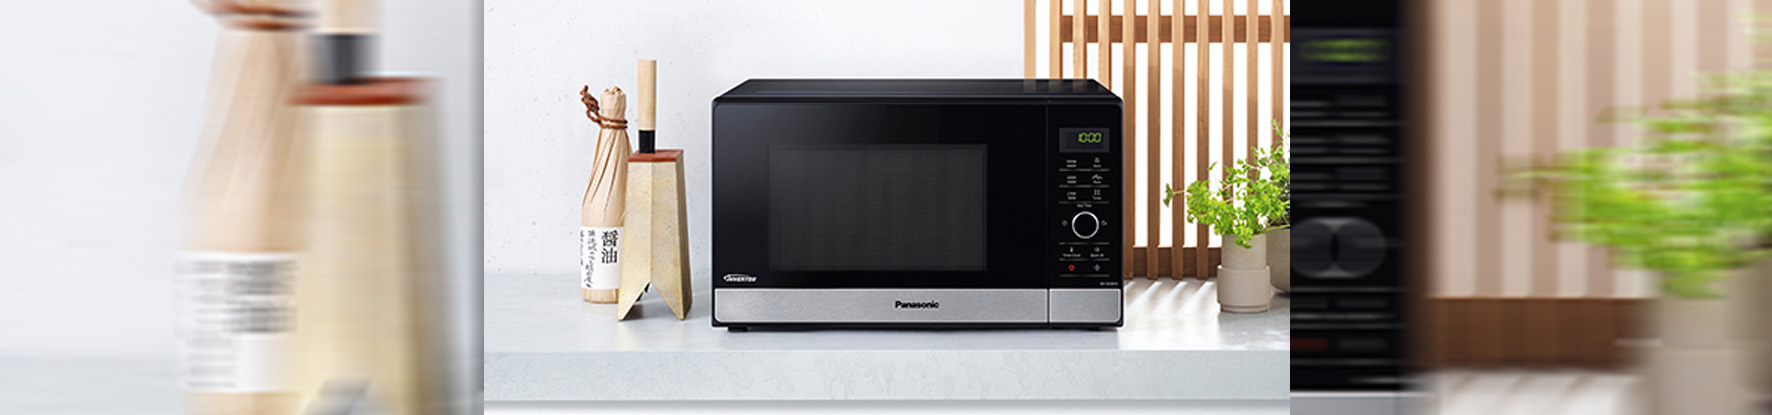 mitsubishi microwave helpline